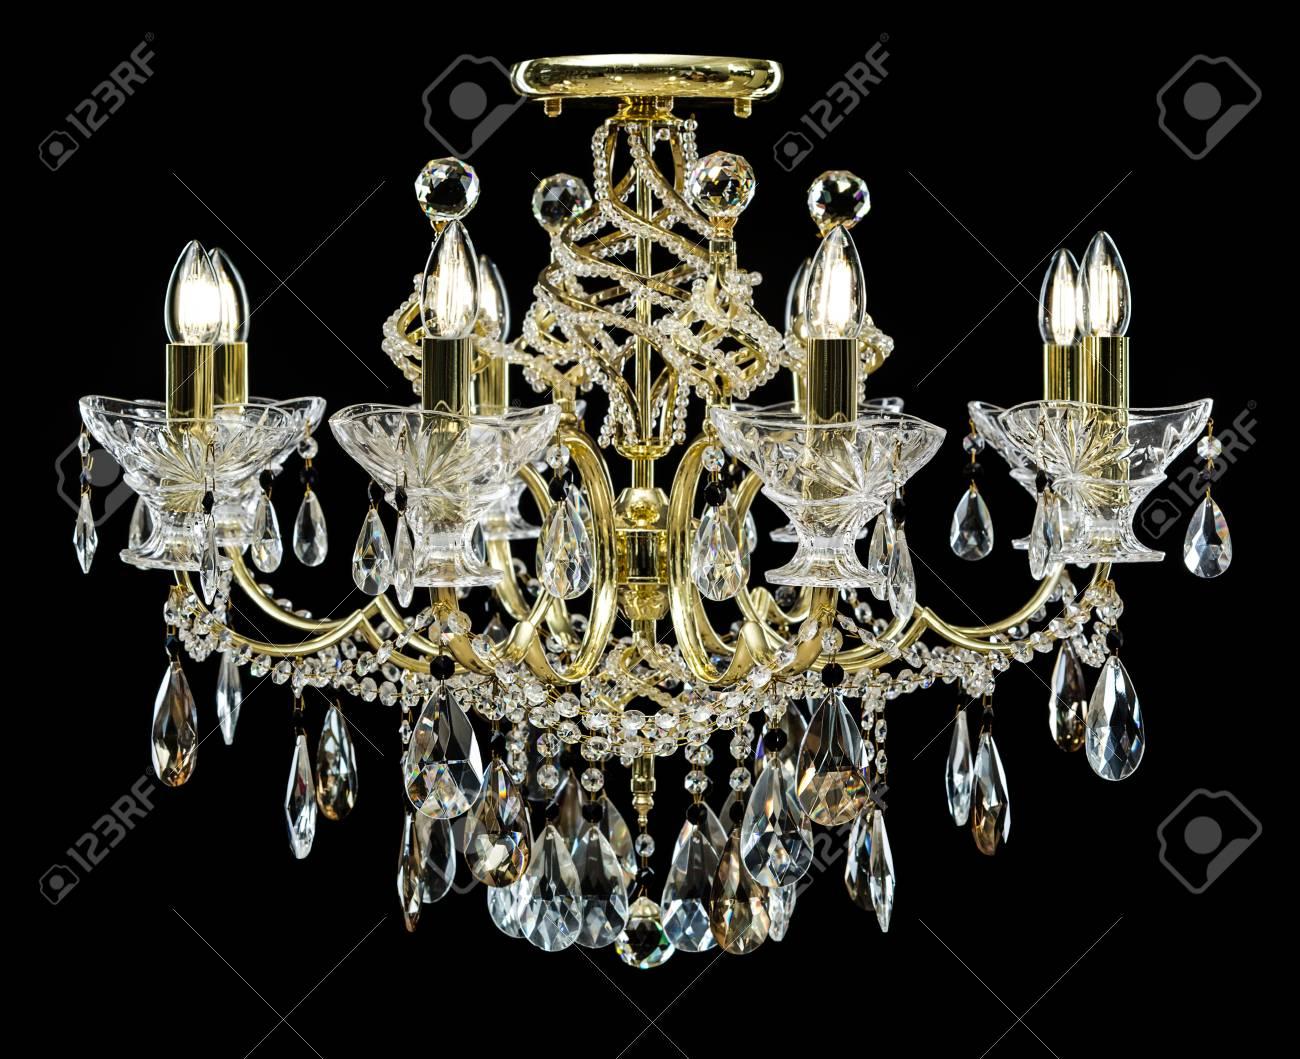 Kristalle Für Kronleuchter ~ Kronleuchter für den innenraum des wohnzimmers. leuchter verziert